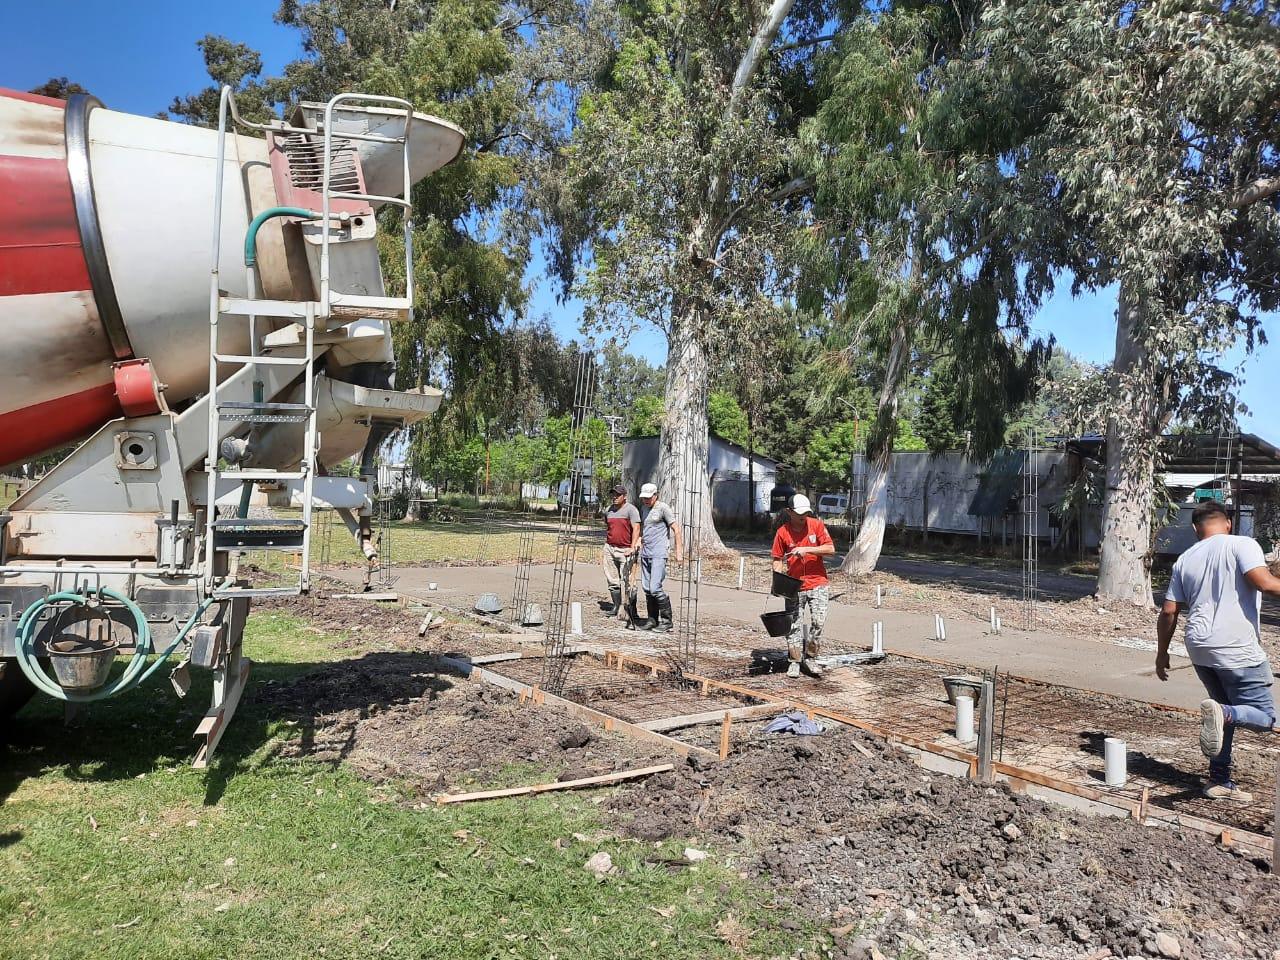 COMENZÓ LA OBRA DE CONSTRUCCIÓN DE NUEVOS BAÑOS EN EL CAMPING MUNICIPAL